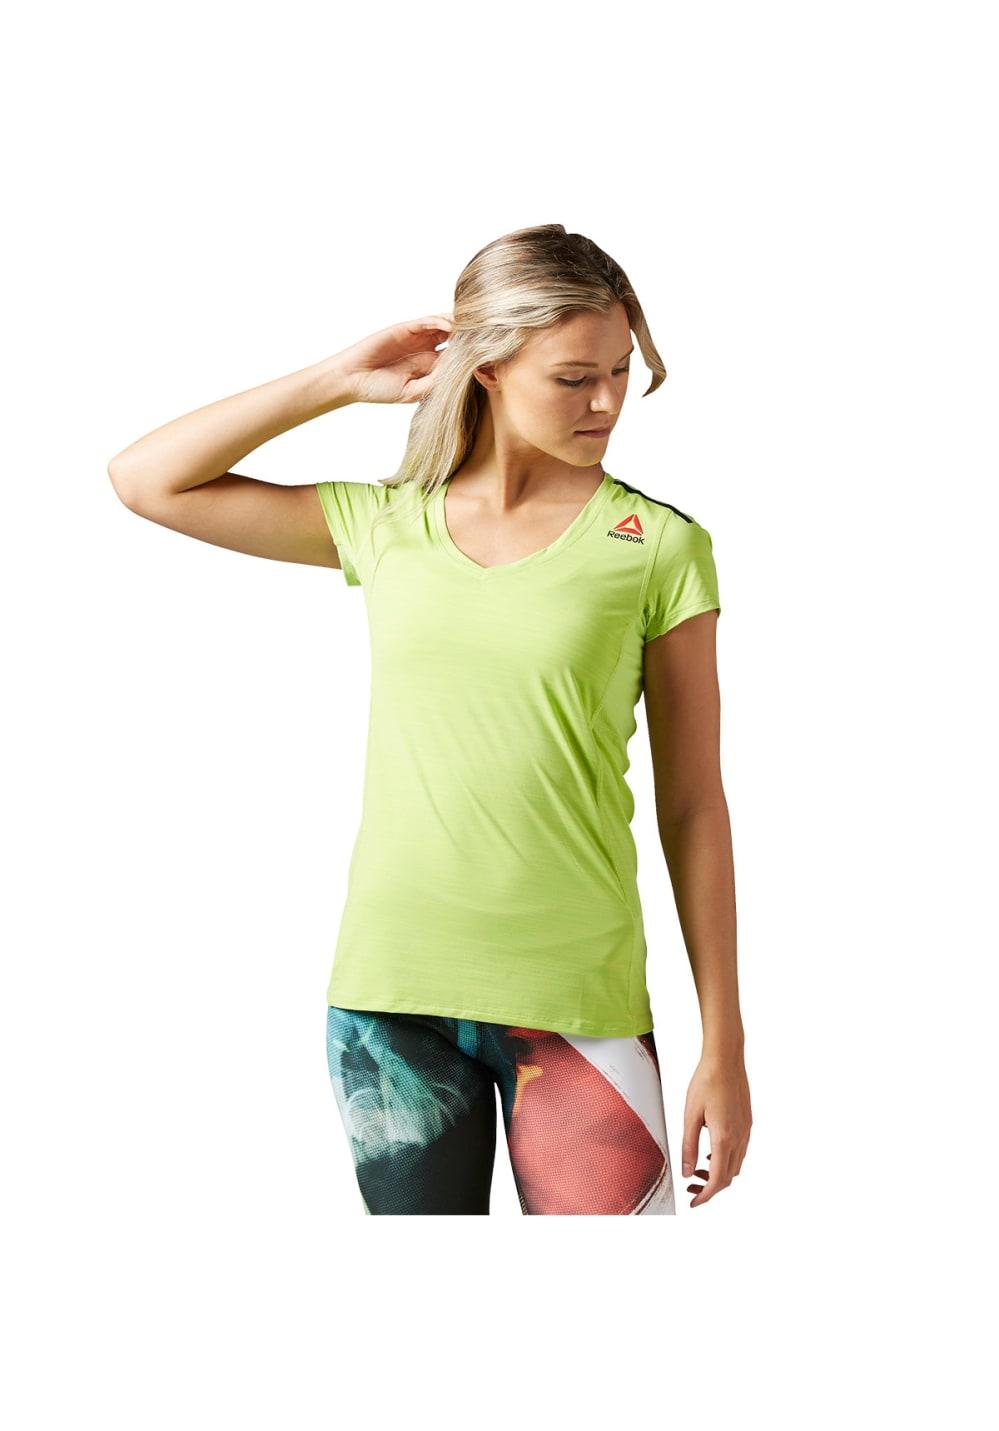 Reebok Active Chill Tee - Laufshirts für Damen - Gelb, Gr. XXS